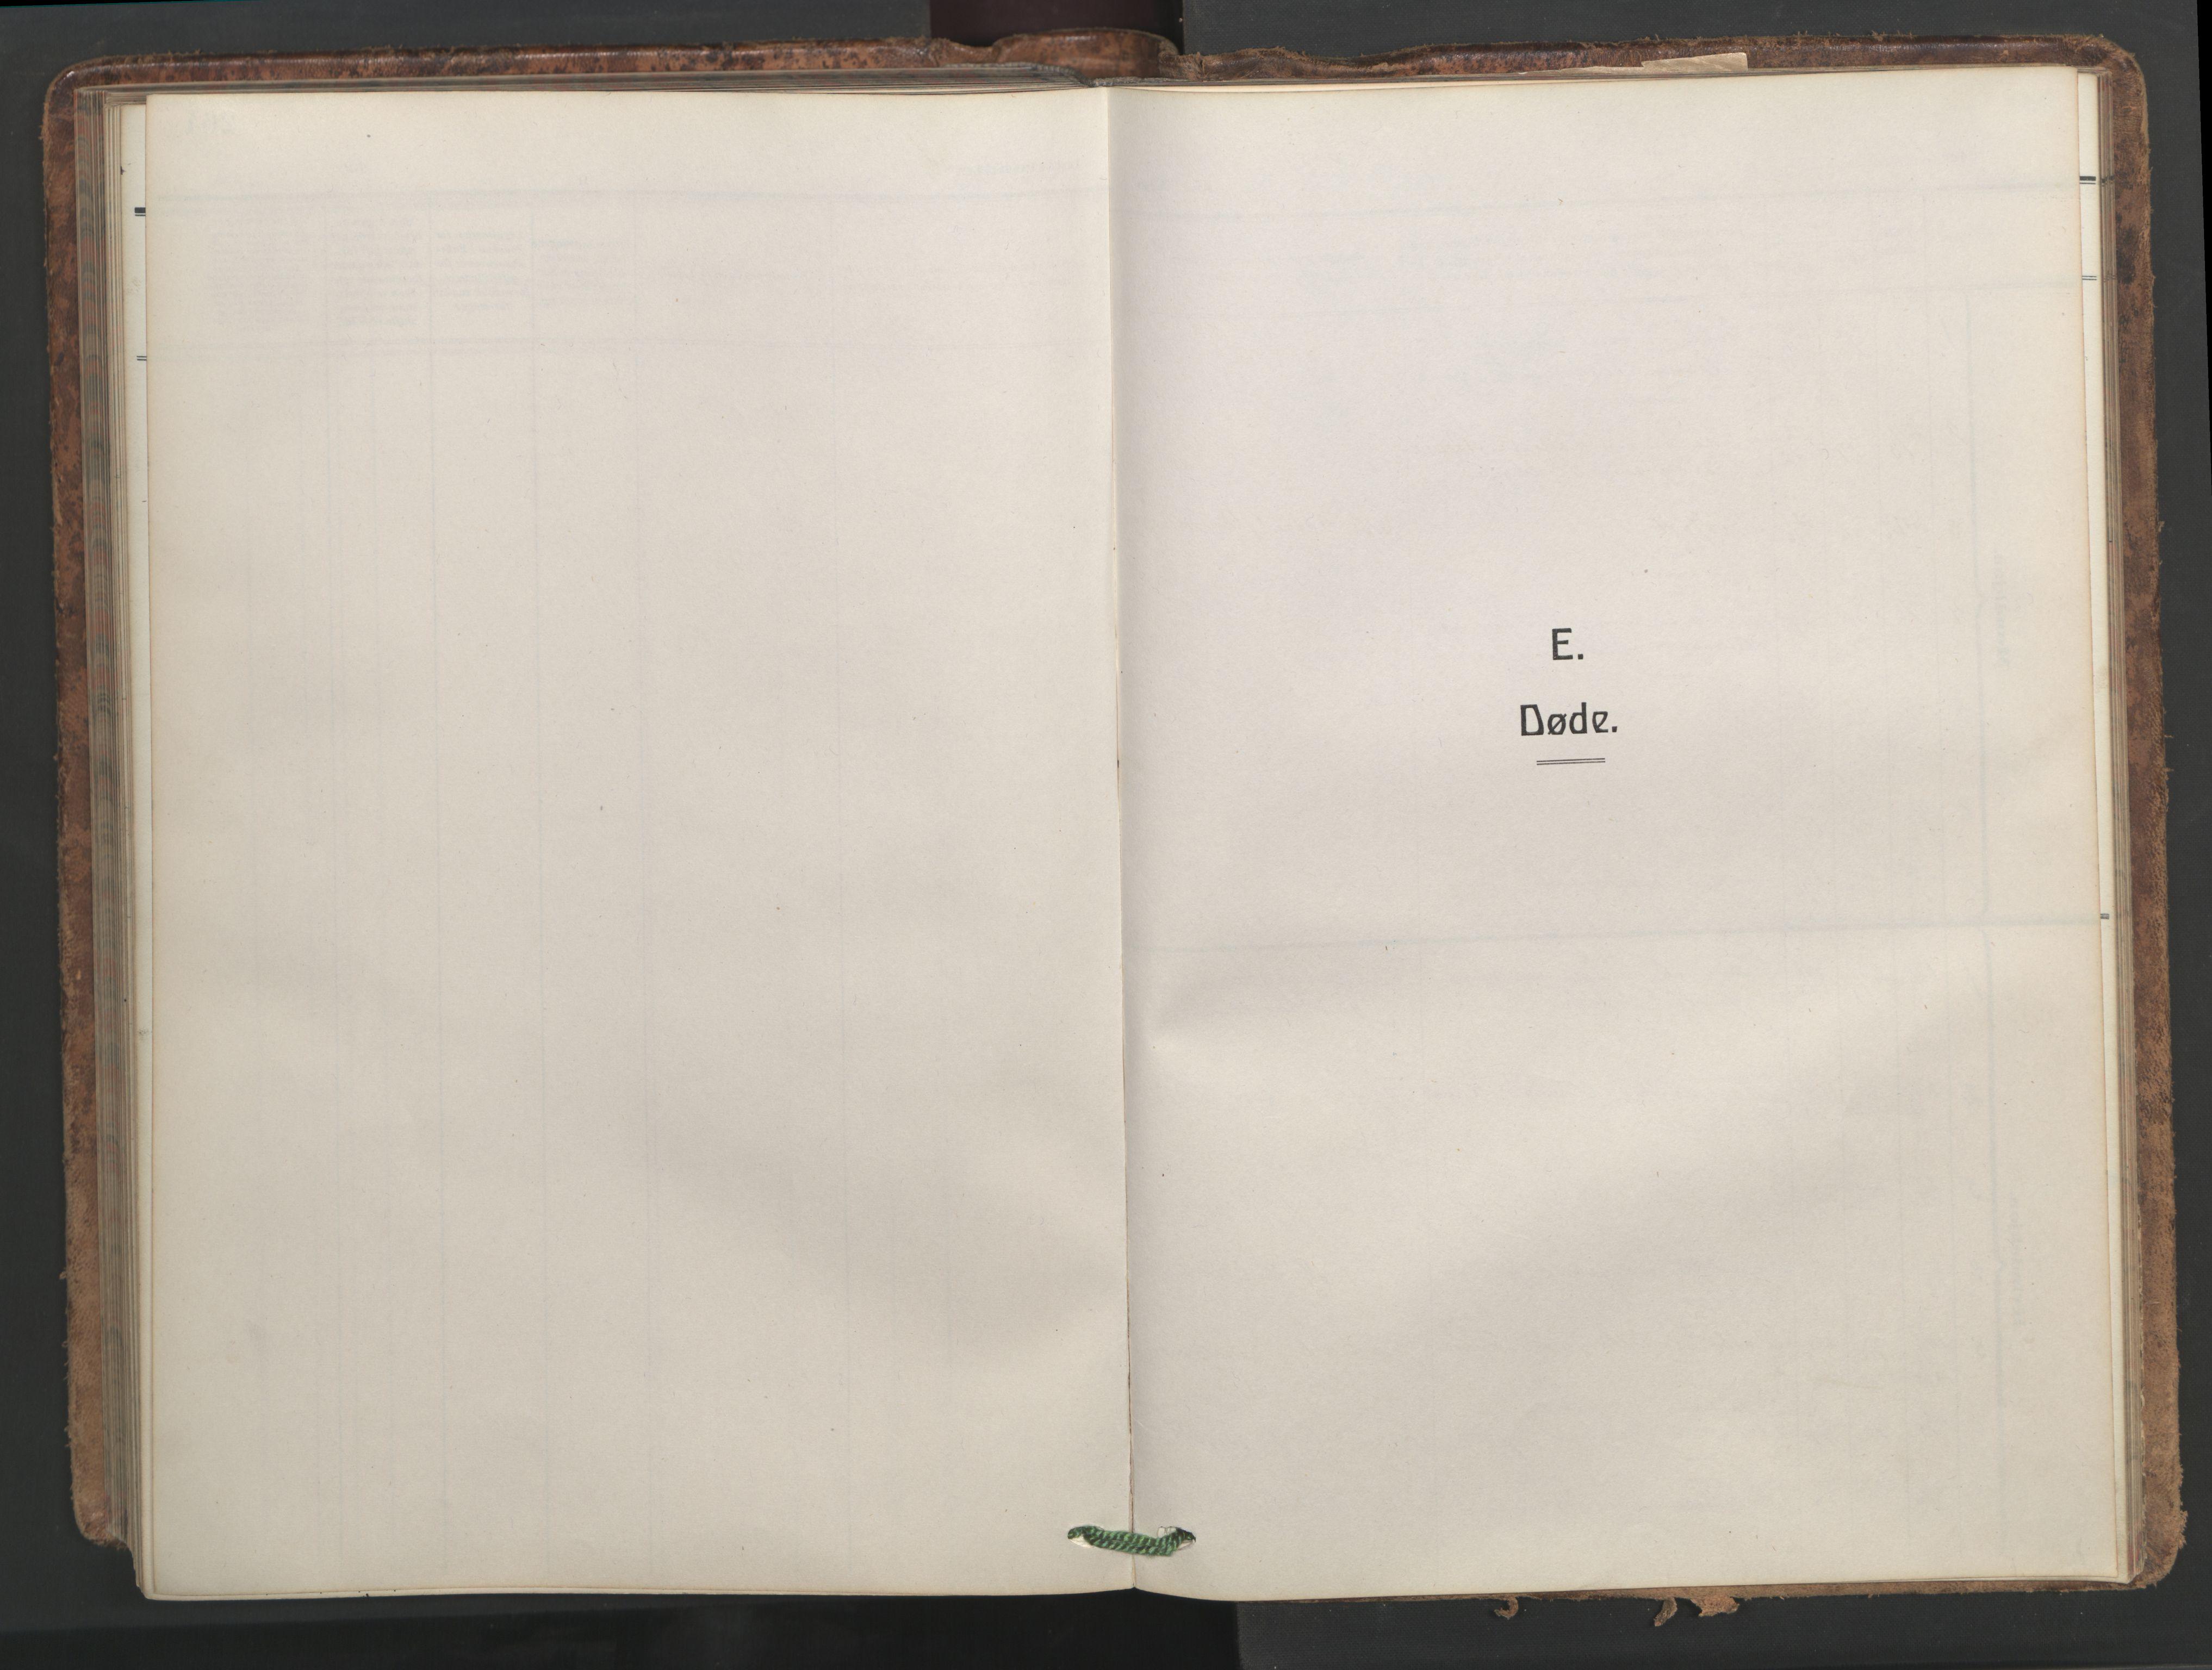 SAT, Ministerialprotokoller, klokkerbøker og fødselsregistre - Møre og Romsdal, 546/L0597: Klokkerbok nr. 546C03, 1921-1959, s. 244